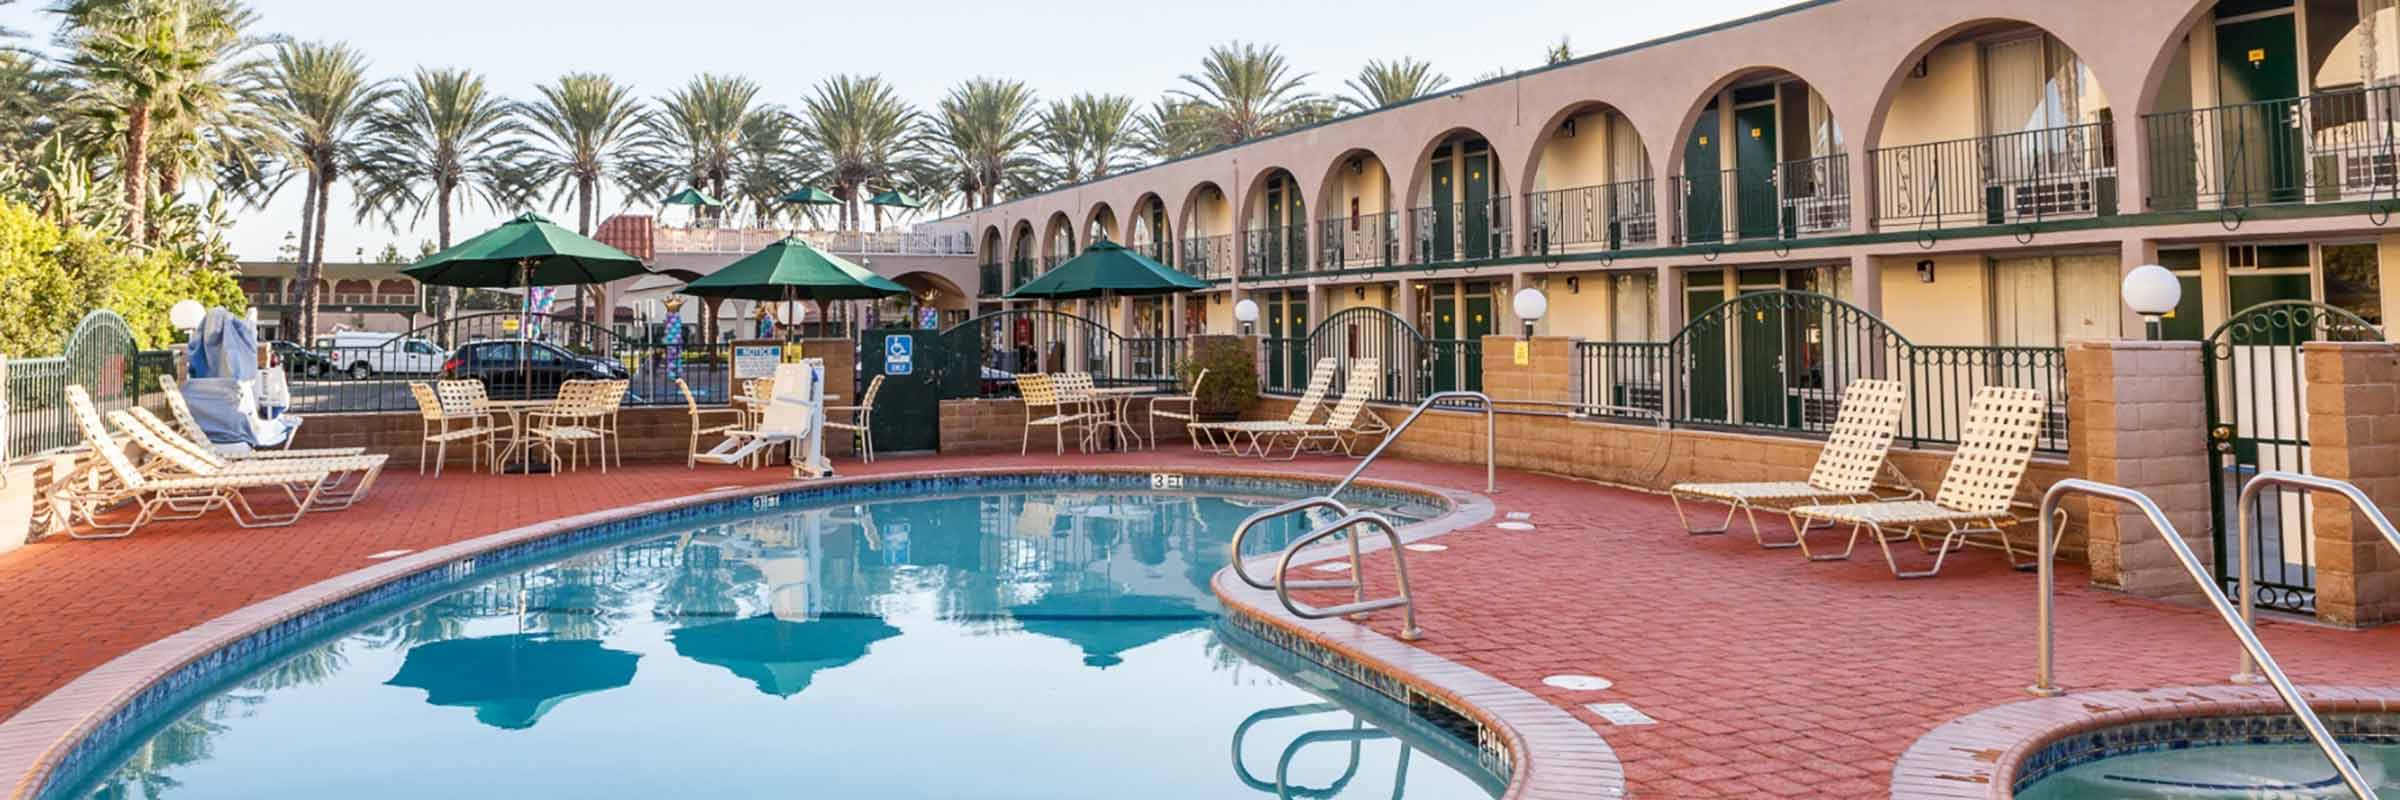 Best Hotels Near Disneyland With Free Breakfast